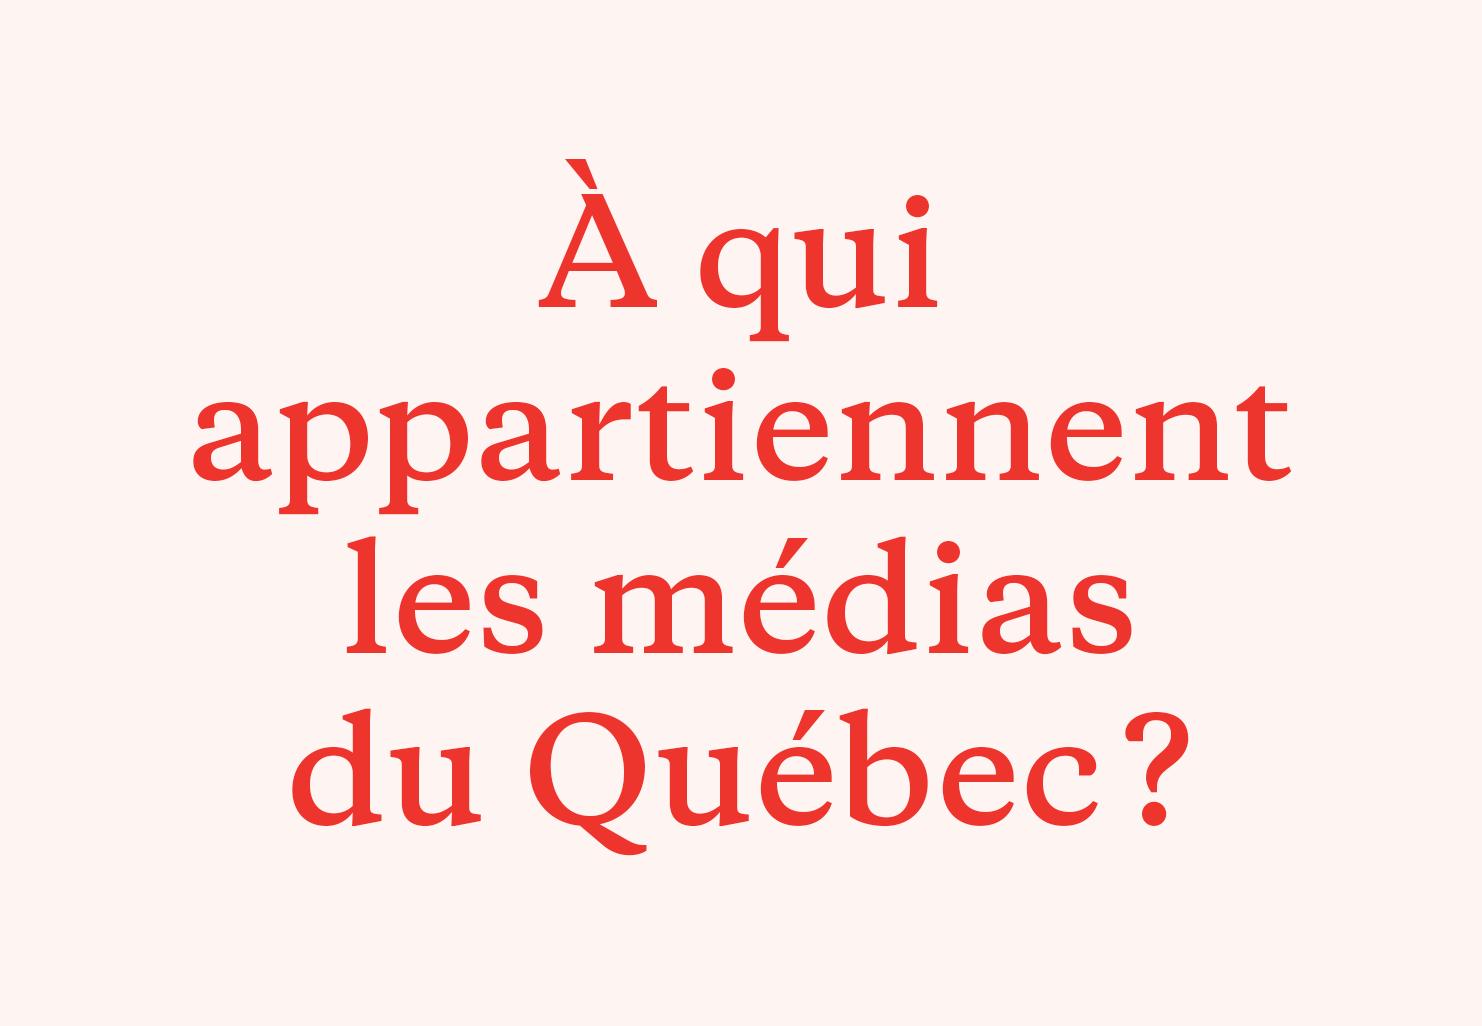 À qui appartiennent les médias du Québec?